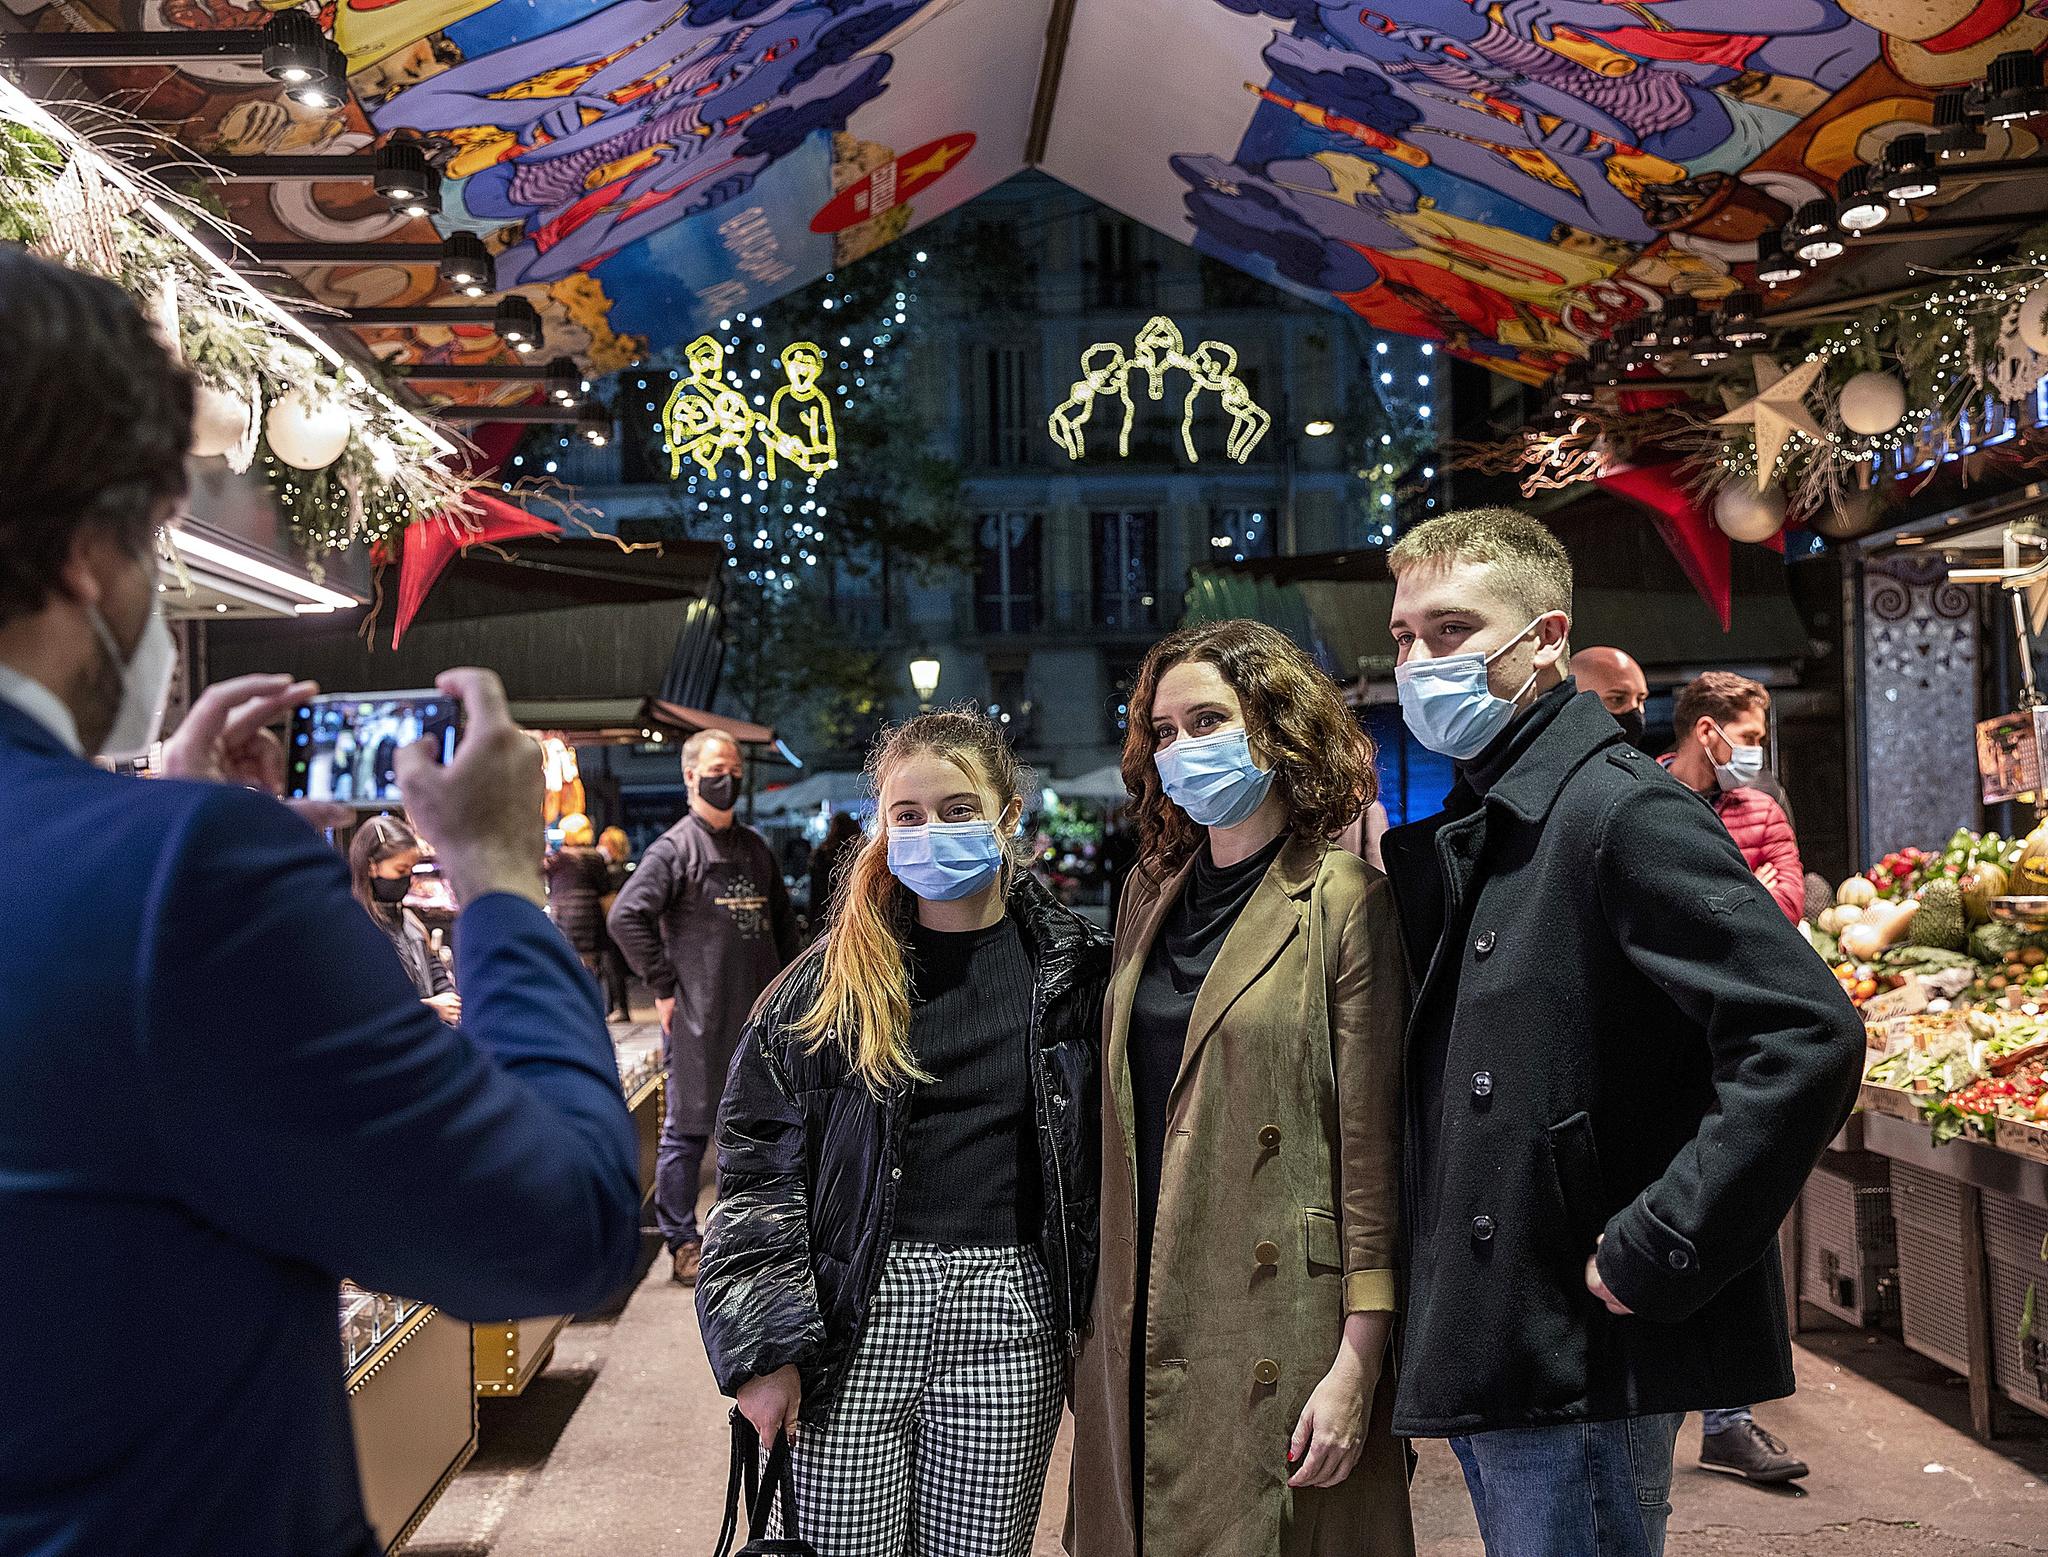 La presidenta se hace una foto junto a dos jóvenes en el mercado de la Boquería en noviembre de 2020.